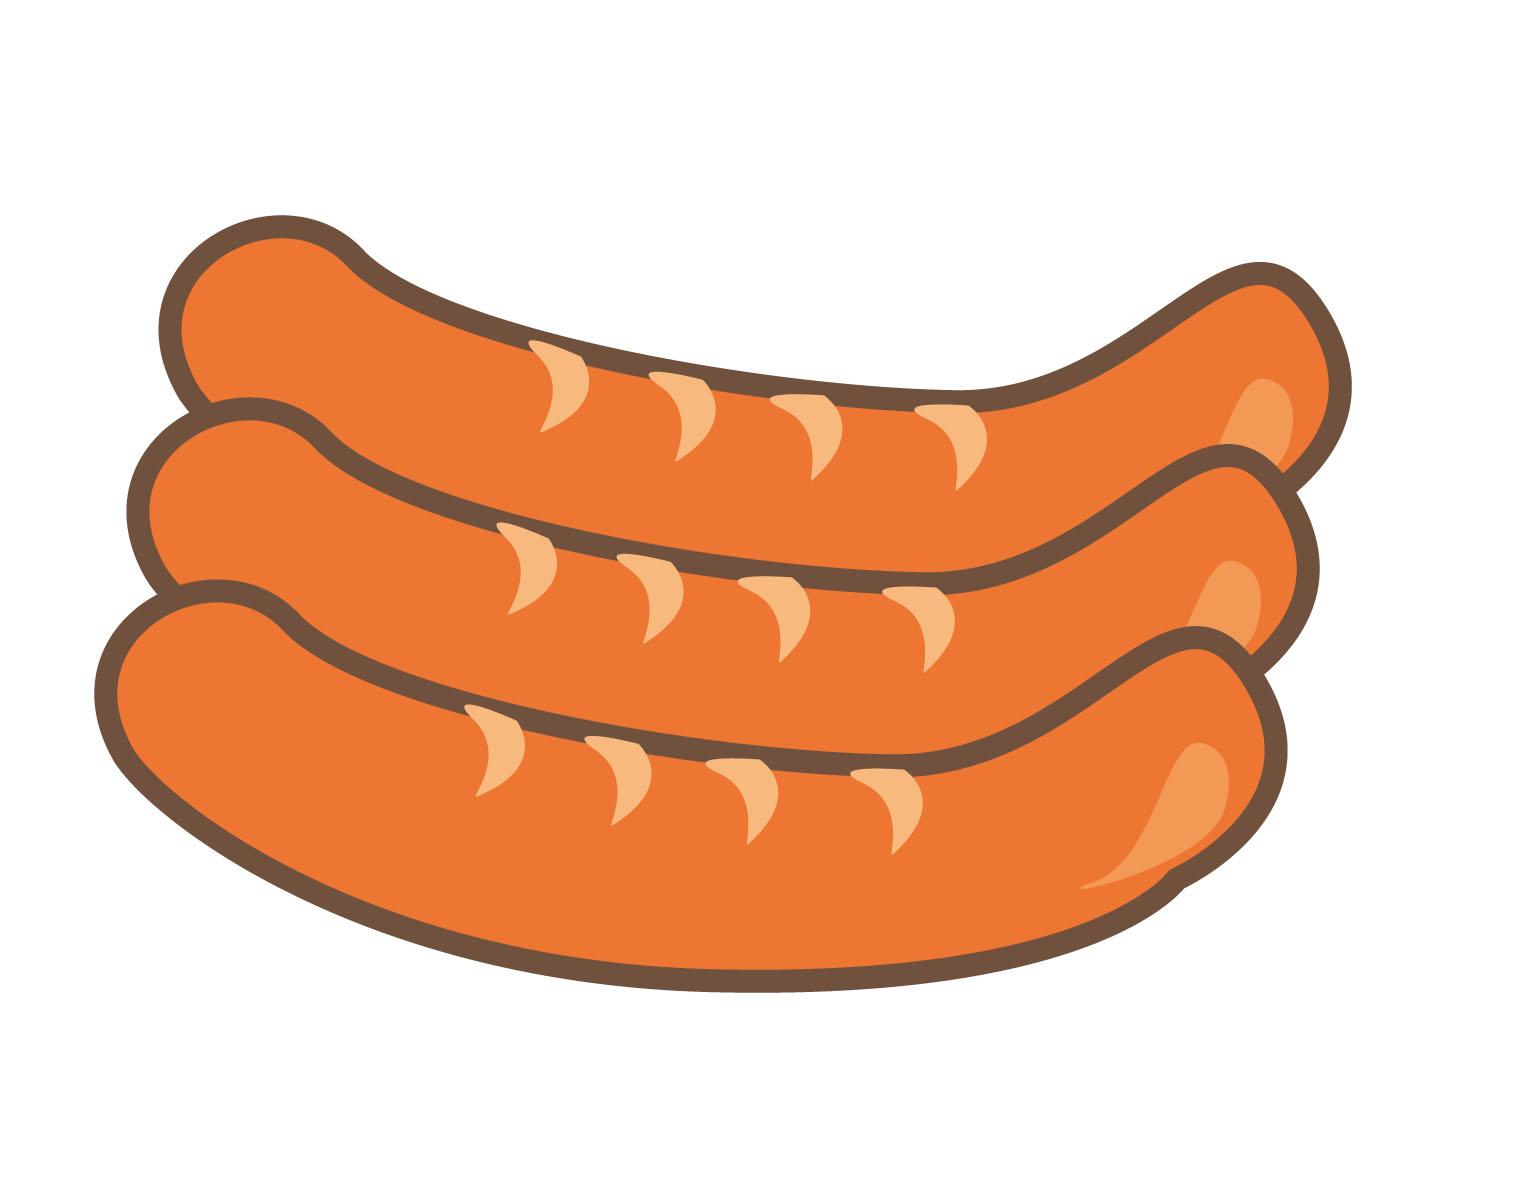 ハム、ソーセージを食べると大腸癌になるとWHOが警告